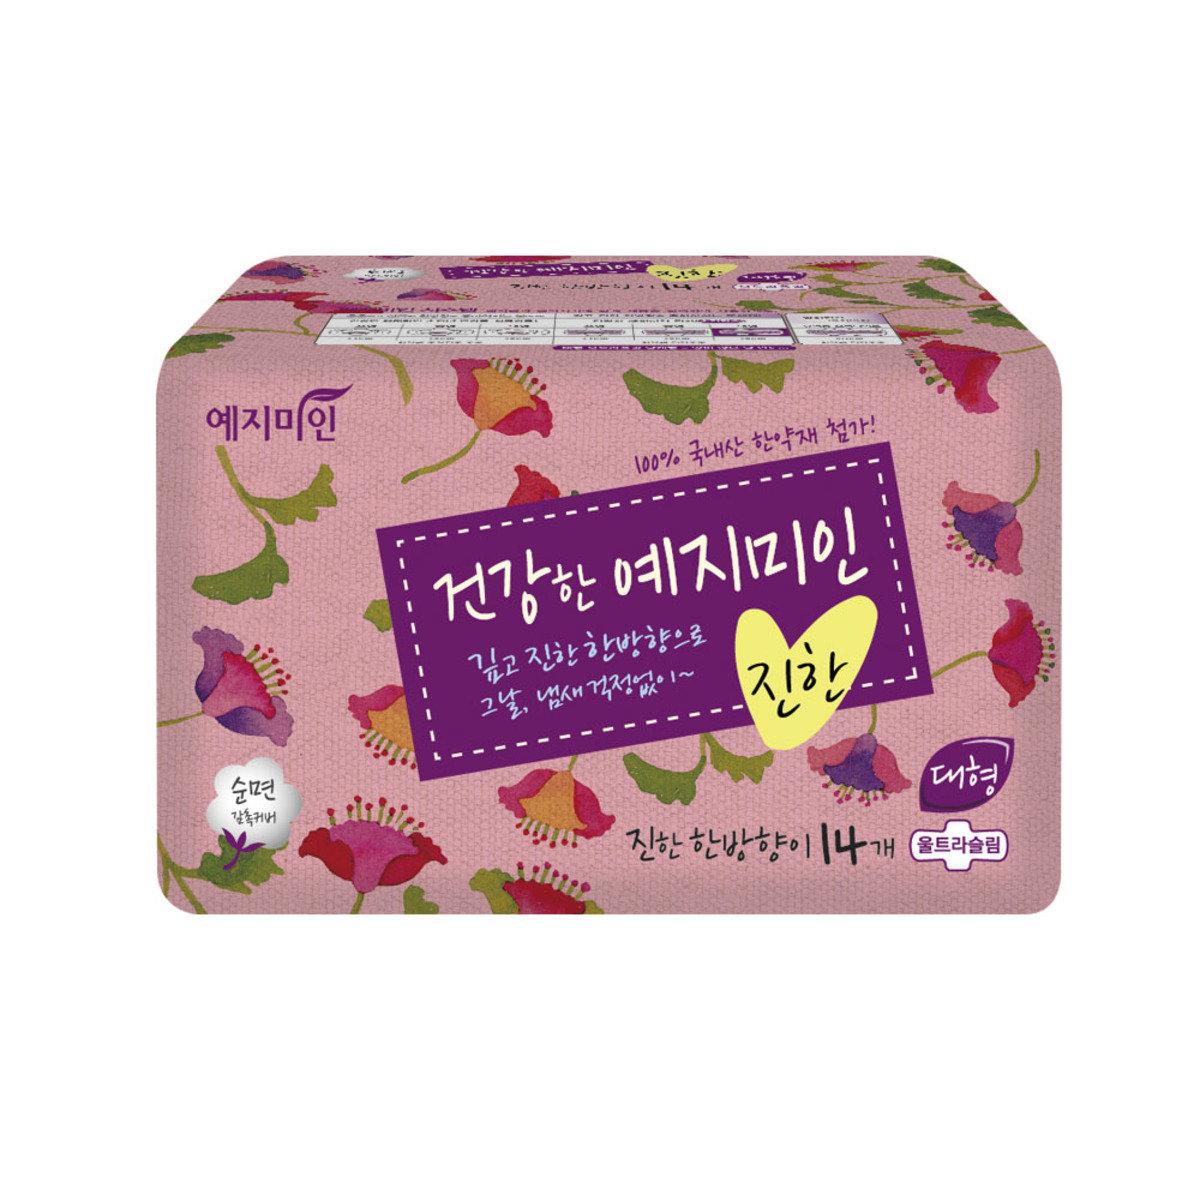 韓國漢方衛生巾 - 棉柔純香 28CM 14片裝